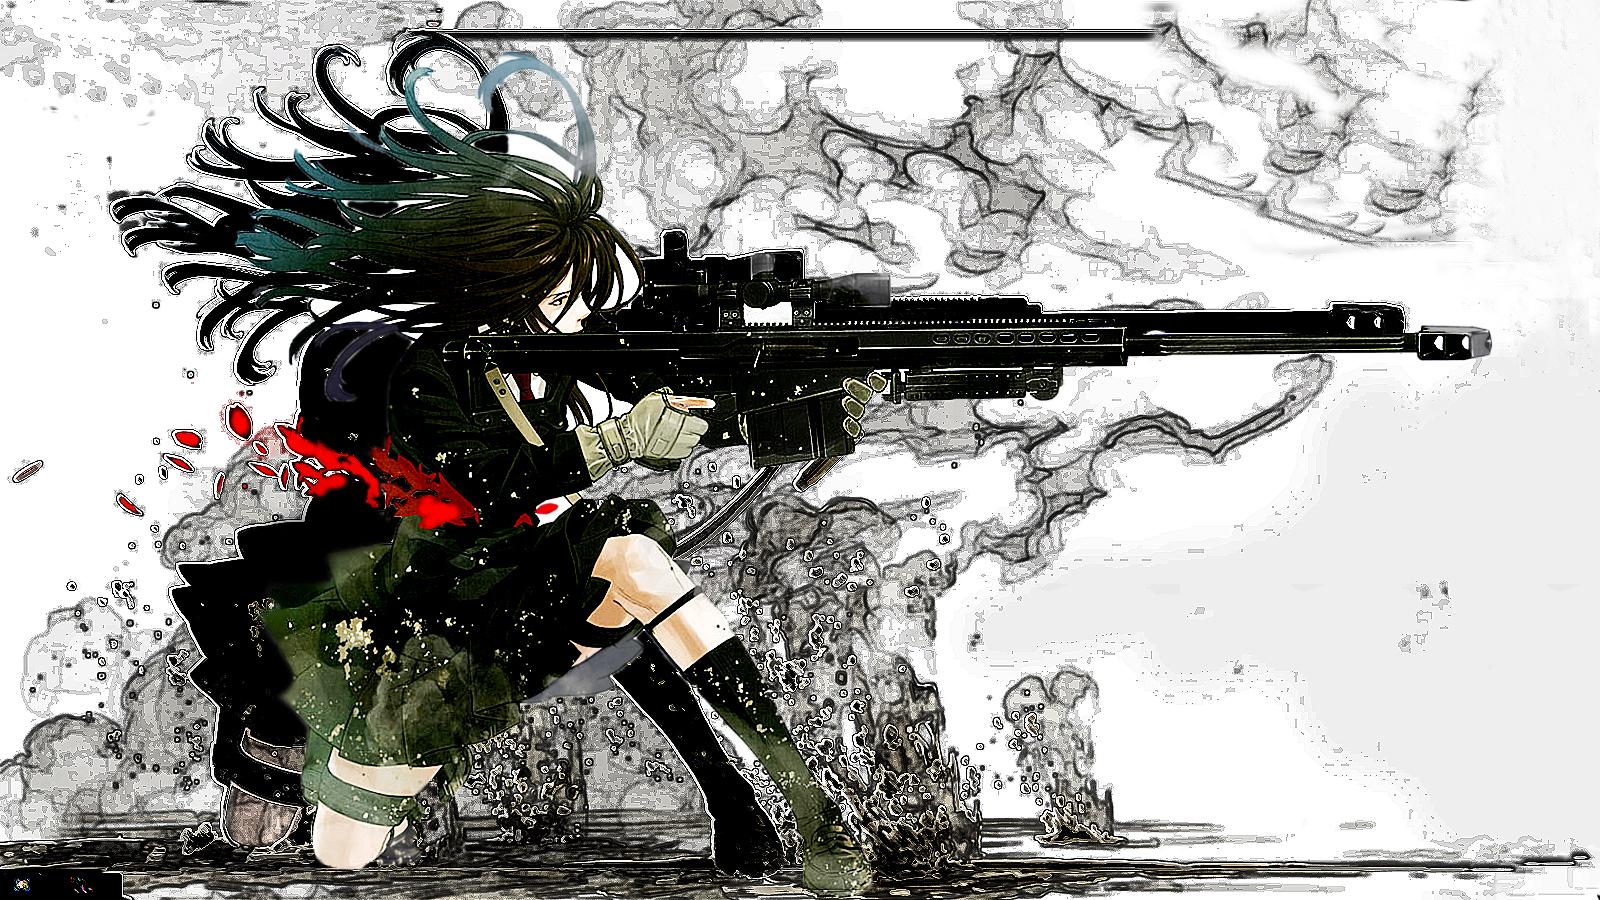 Anime Gun Wallpaper - WallpaperSafari